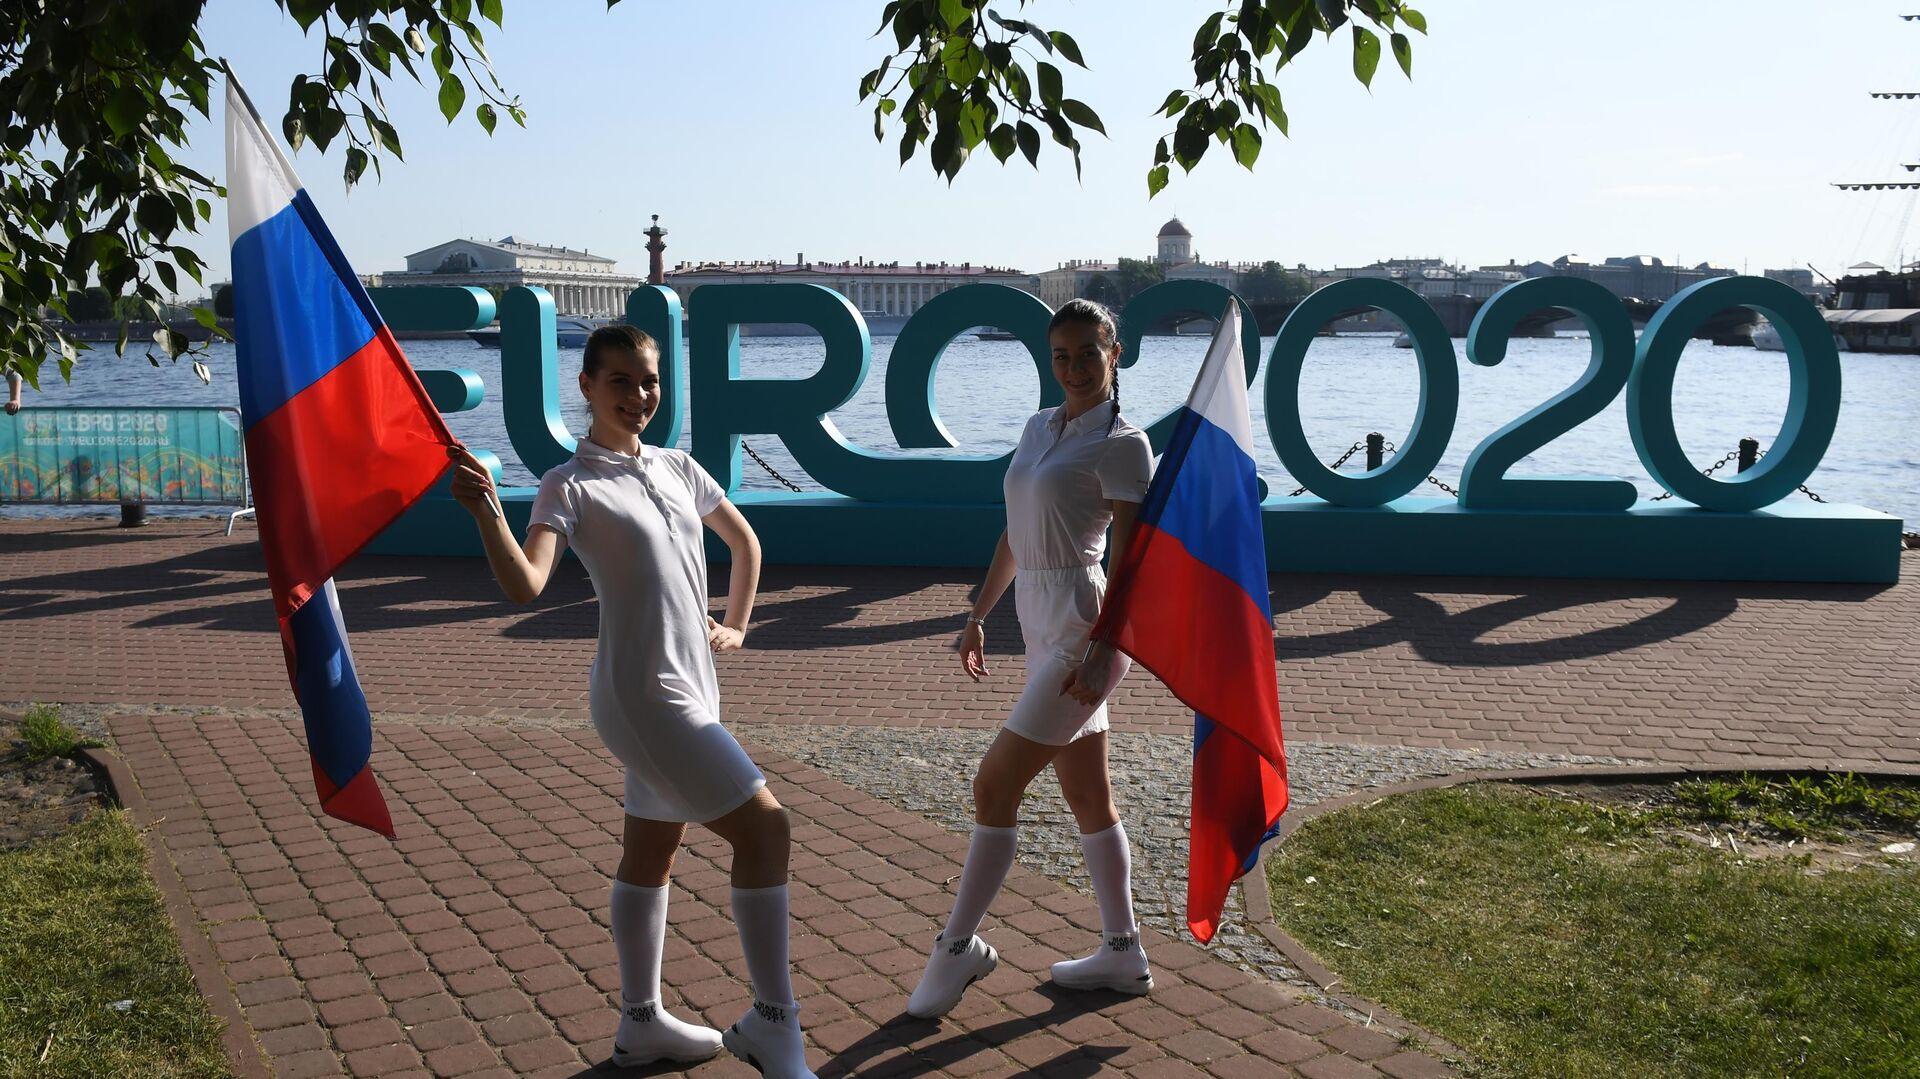 Открытие парка футбола Евро-2020 в Санкт-Петербурге  - РИА Новости, 1920, 04.12.2020